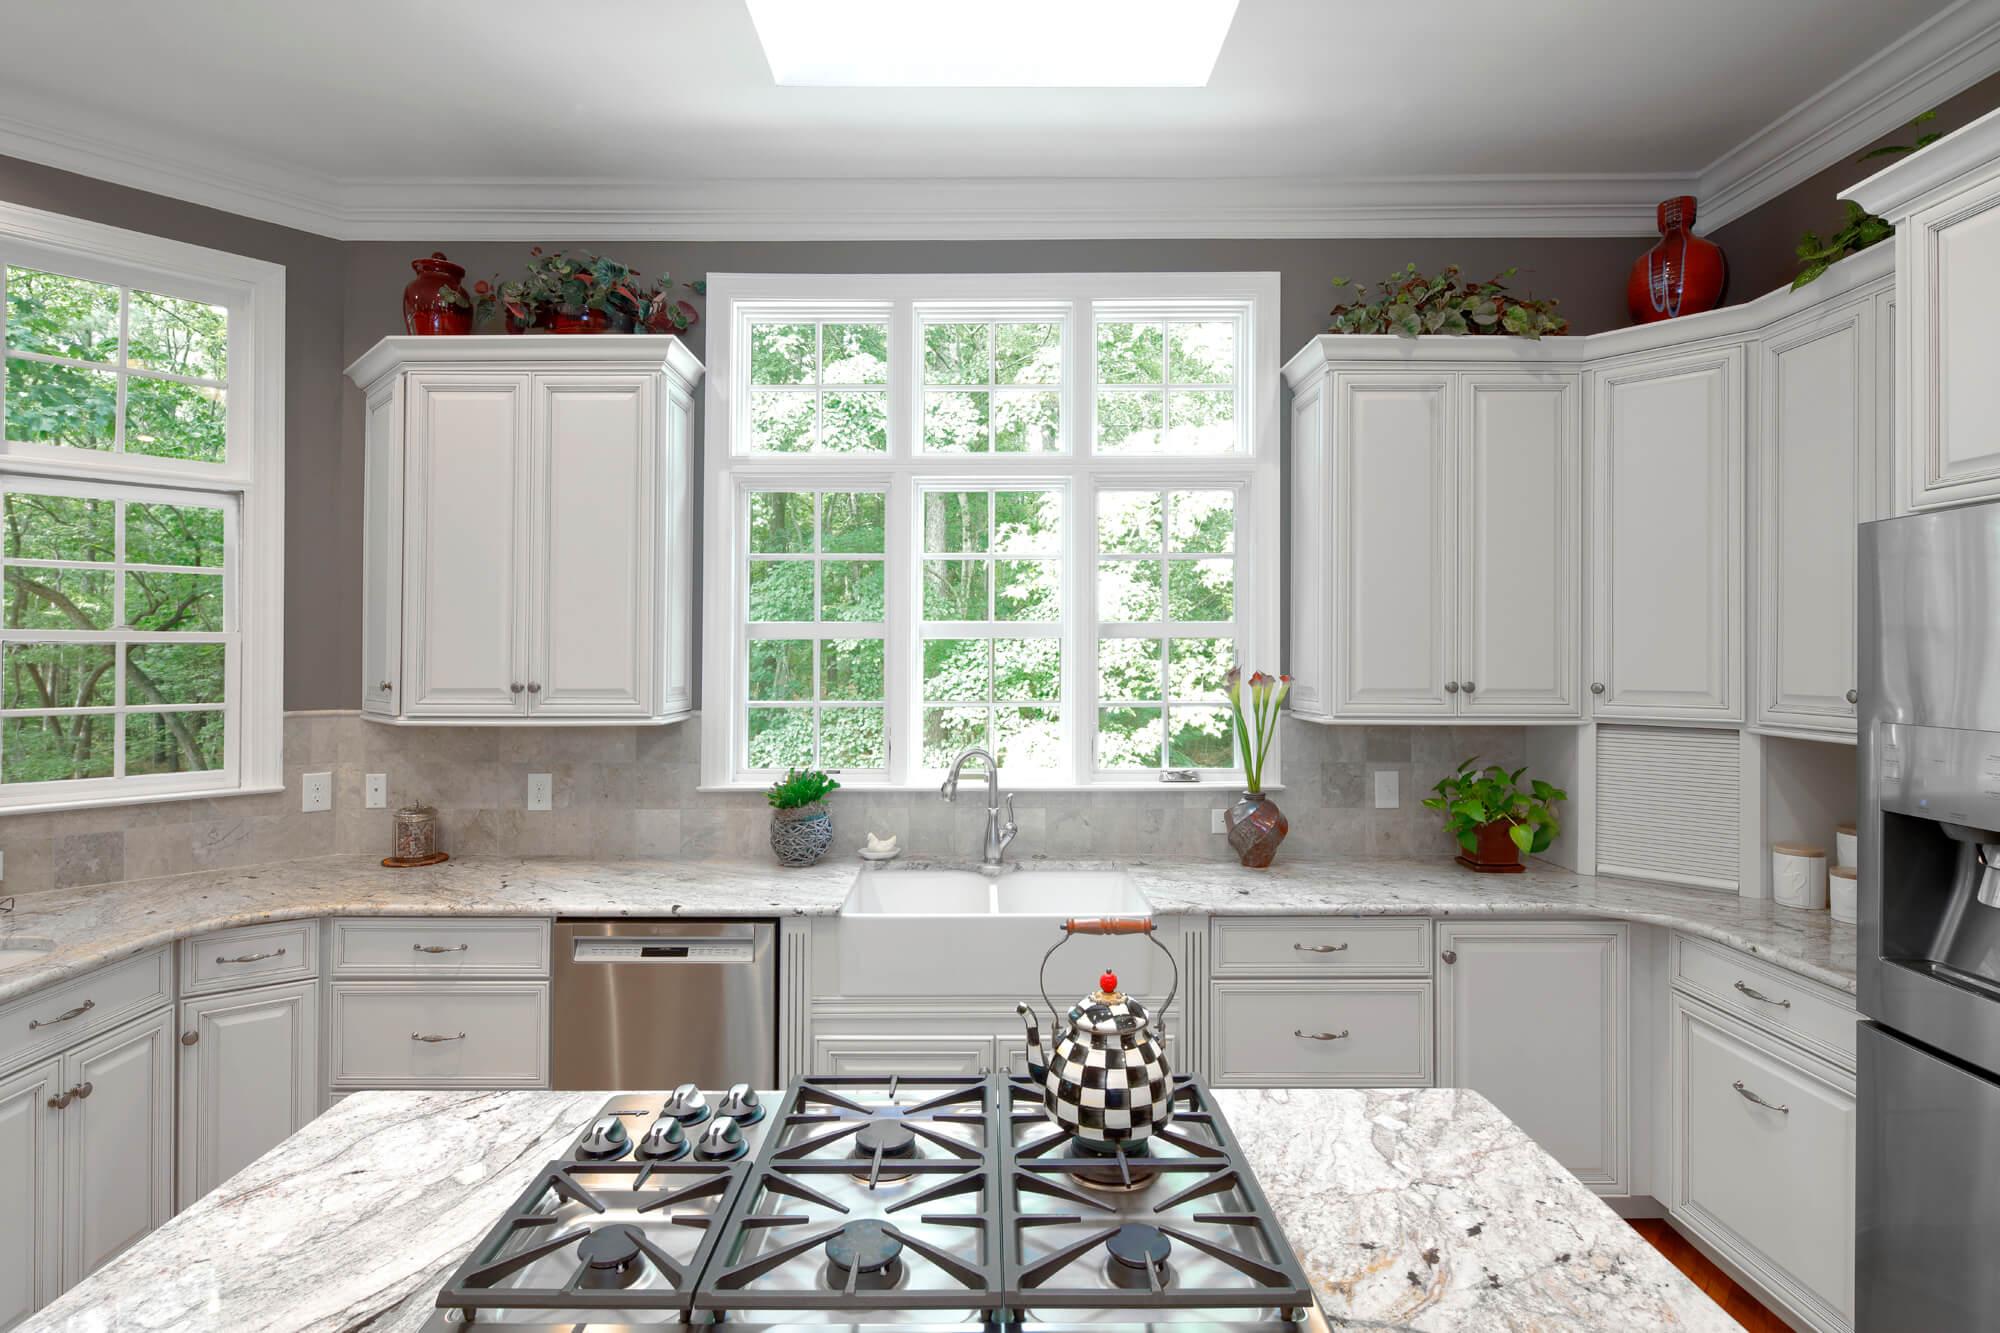 Zurbuch Construction - Feins Kitchen Window